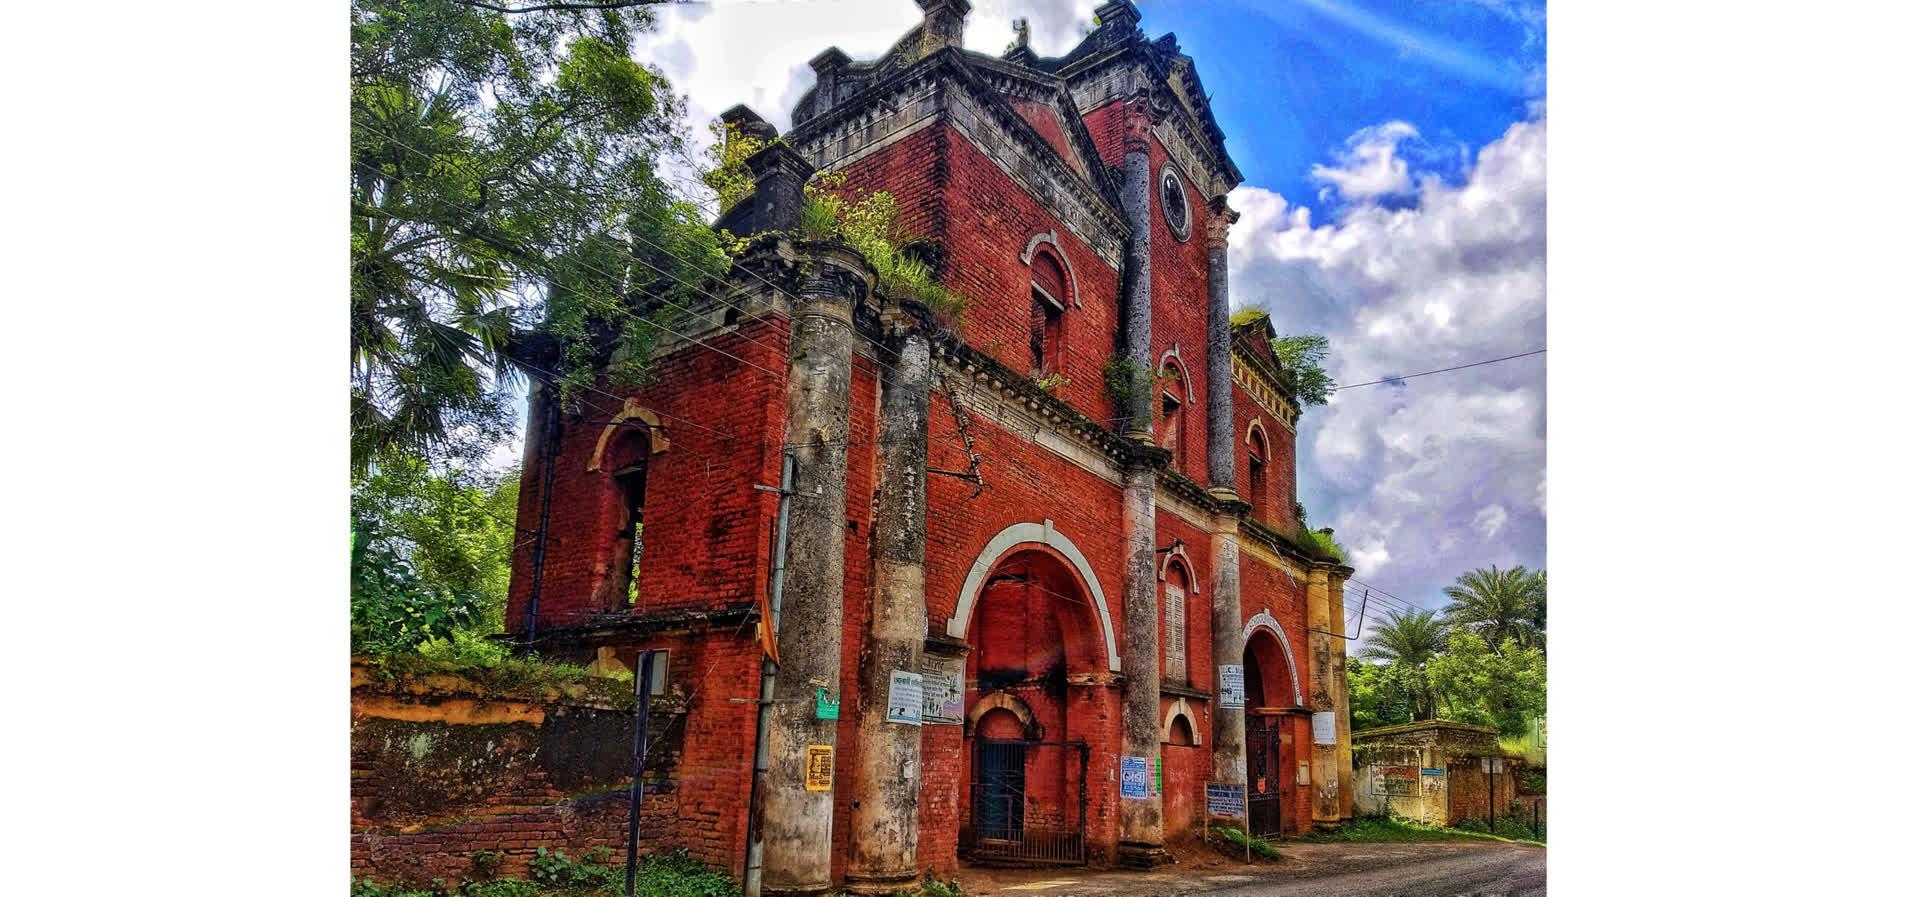 हेतमपुर: बंगाल में छुपा एक शाही इतिहास